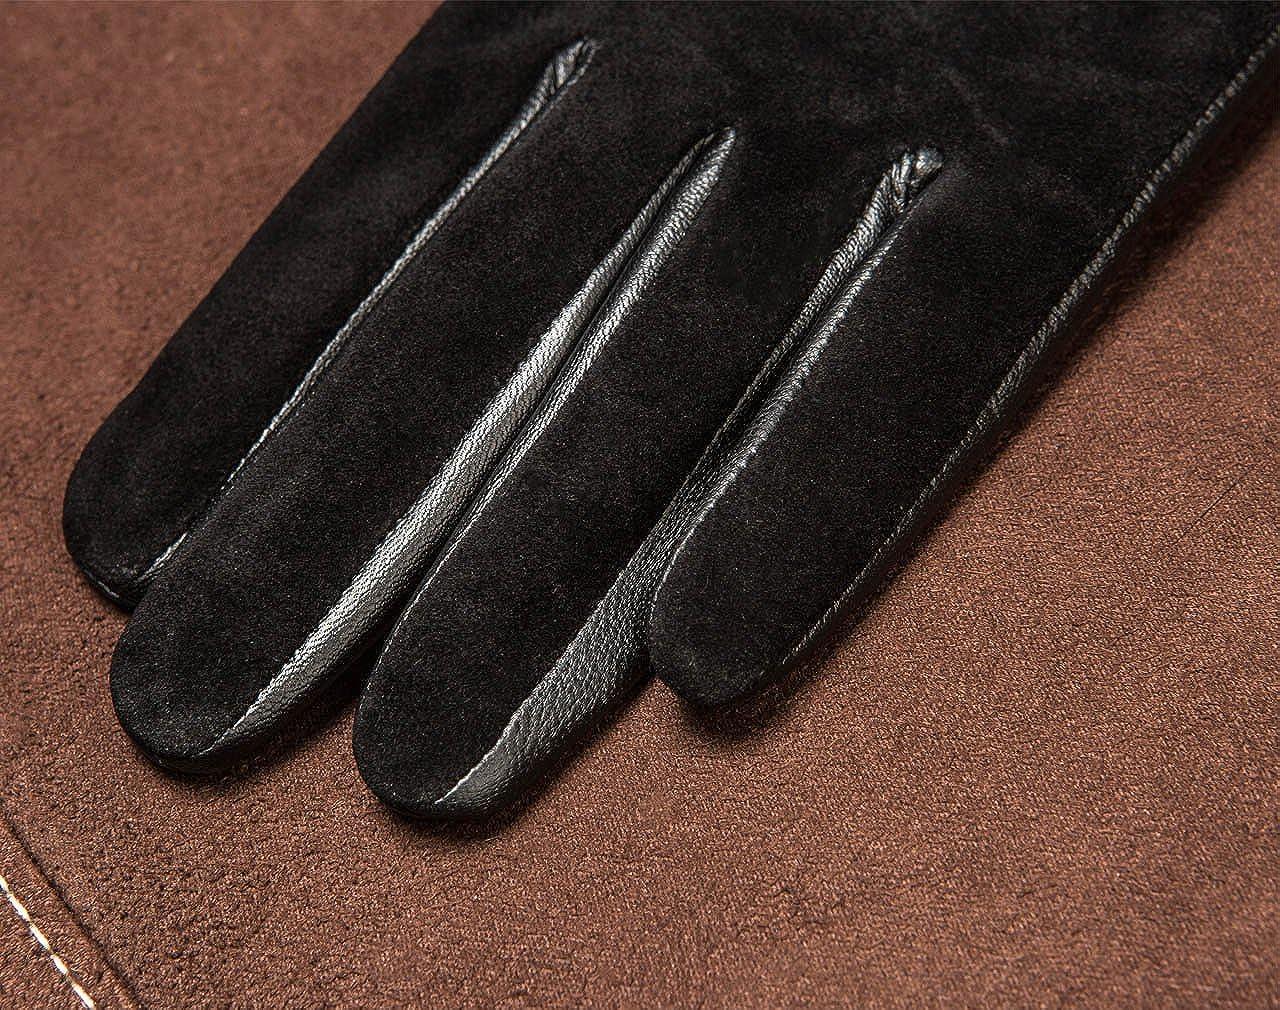 YISEVEN Femme Nouveau Hiver Gant en cuir peau de mouton /écran tactile suede agneau veritable chaud laine double el/égante n/œud long slim poignet protection travail conduite moto cadeau